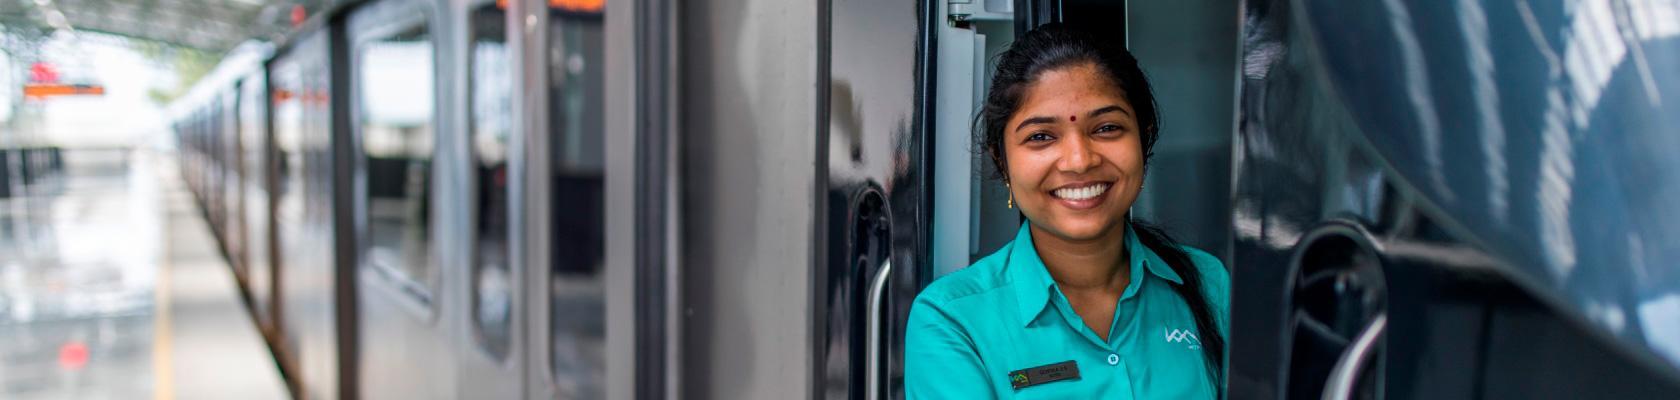 our social responsibility, Kochi metro, India, woman